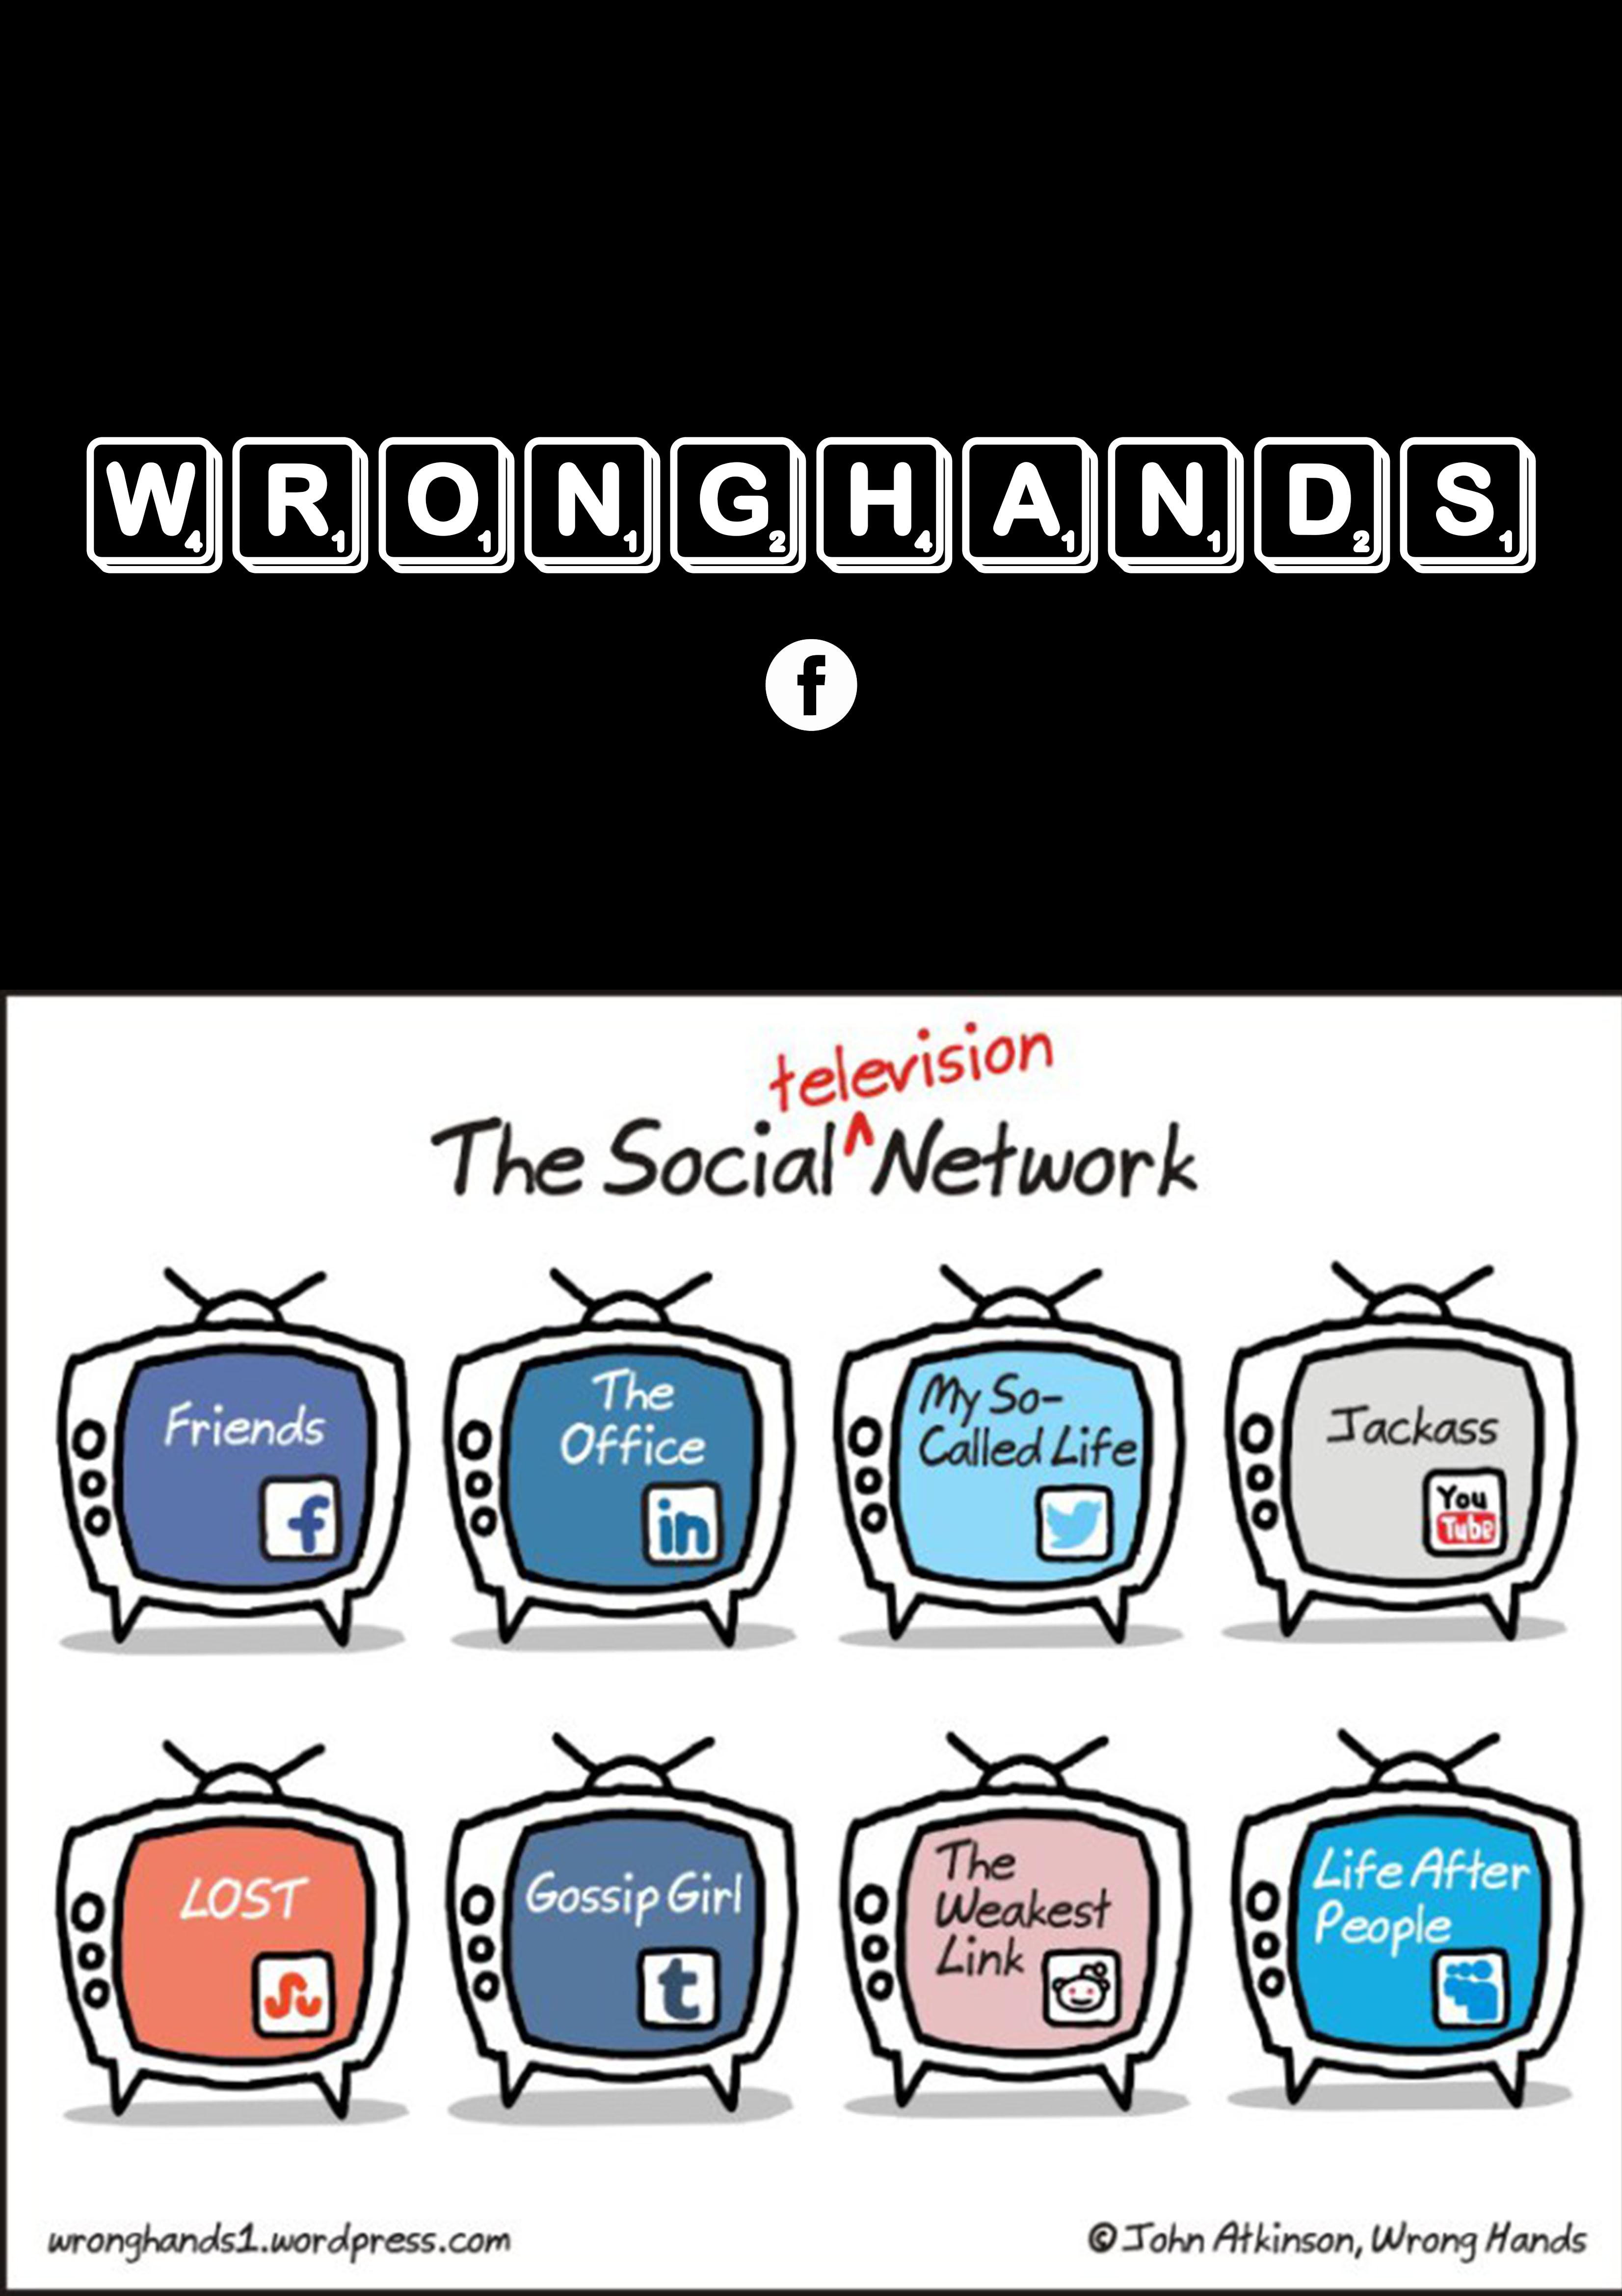 wronghands